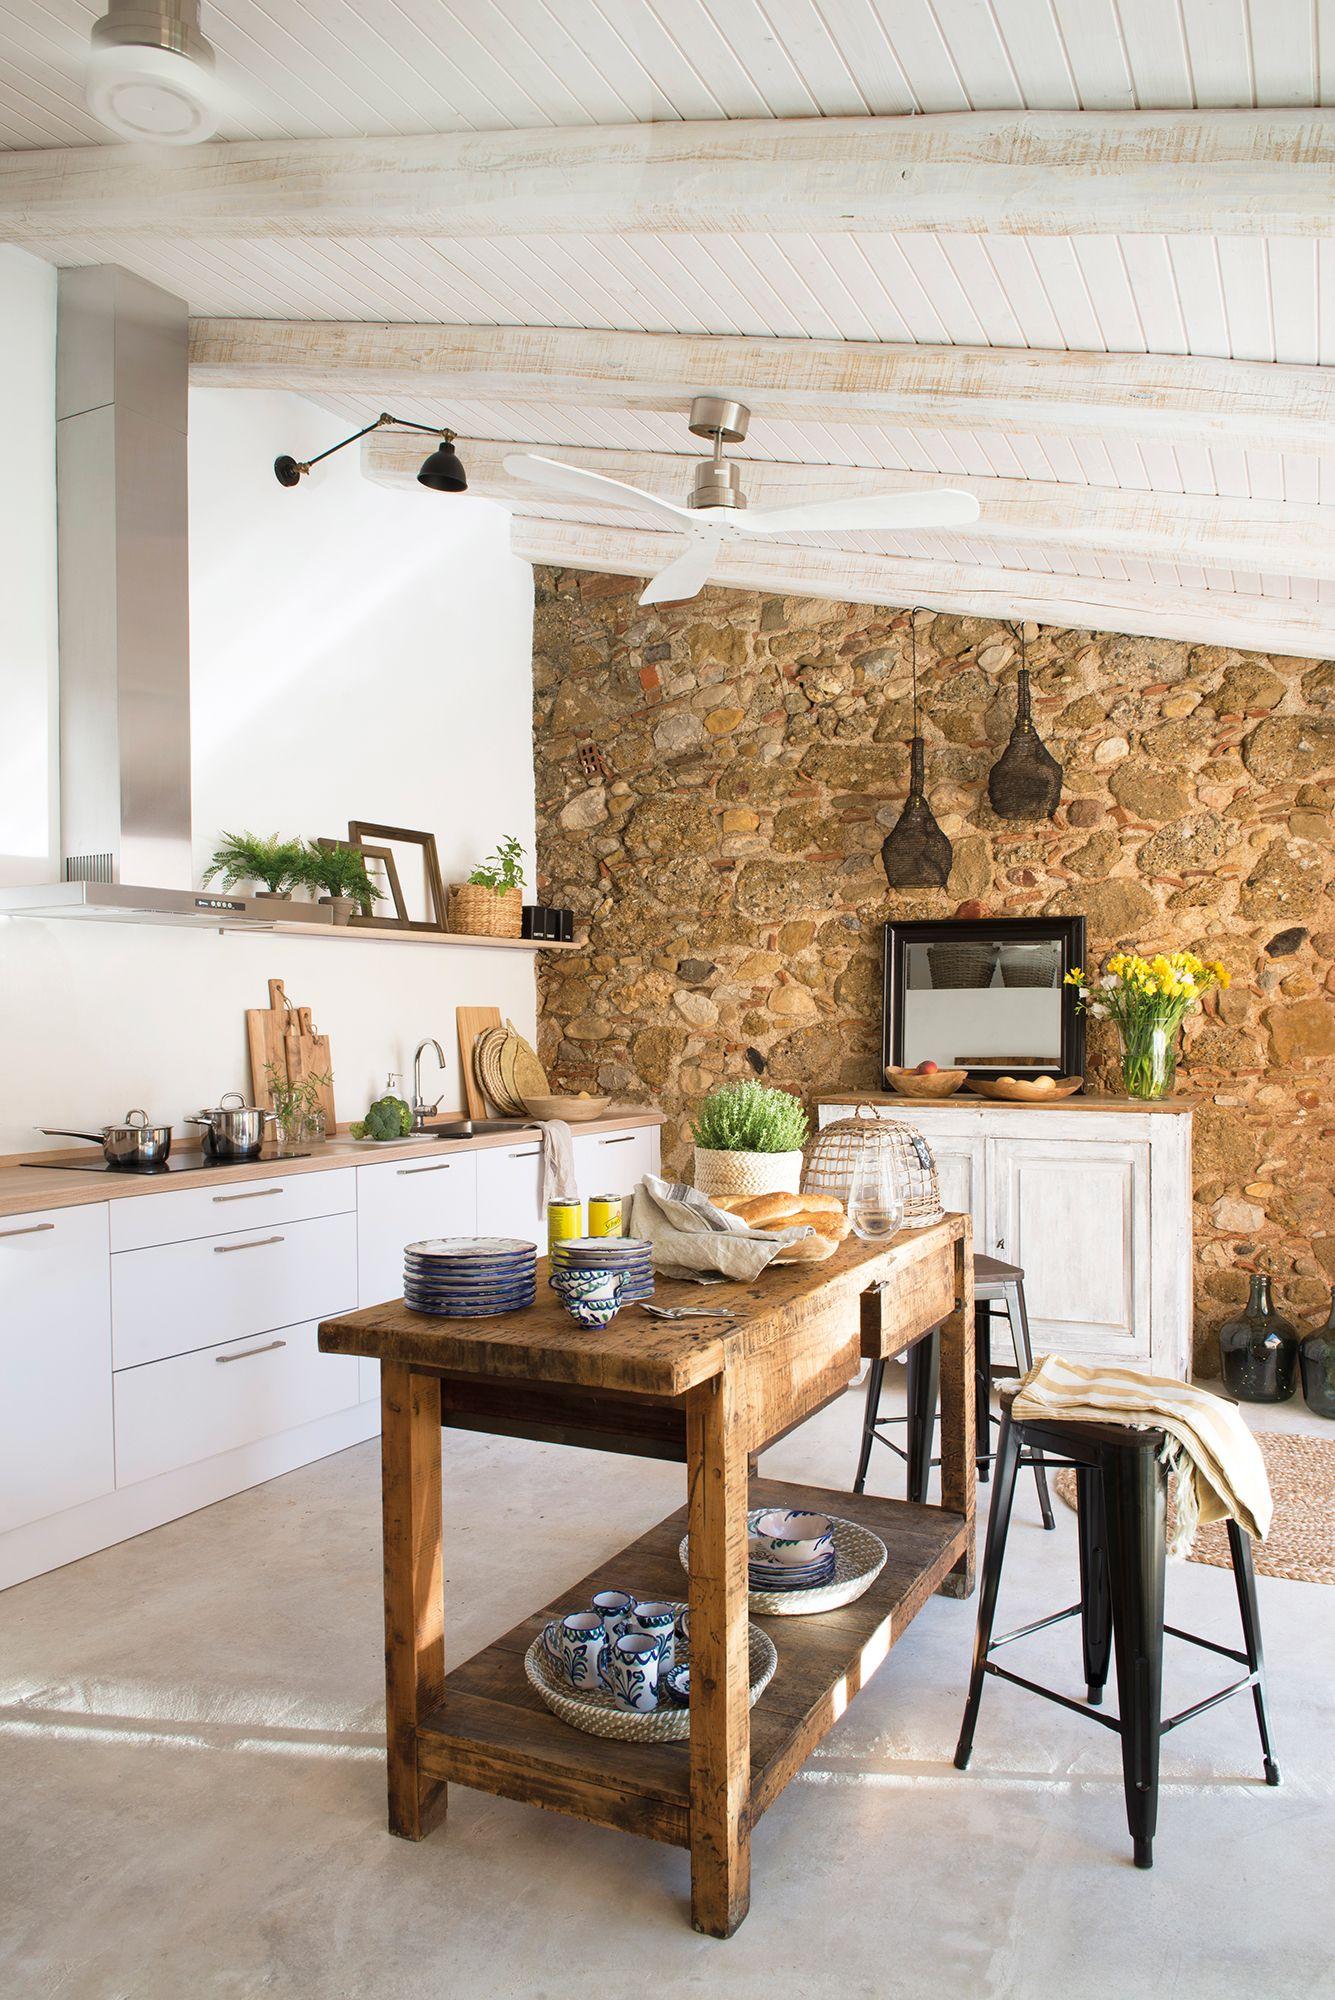 Cocina blanca clásica con mesa alta_ 00412977 | Vigas de madera ...